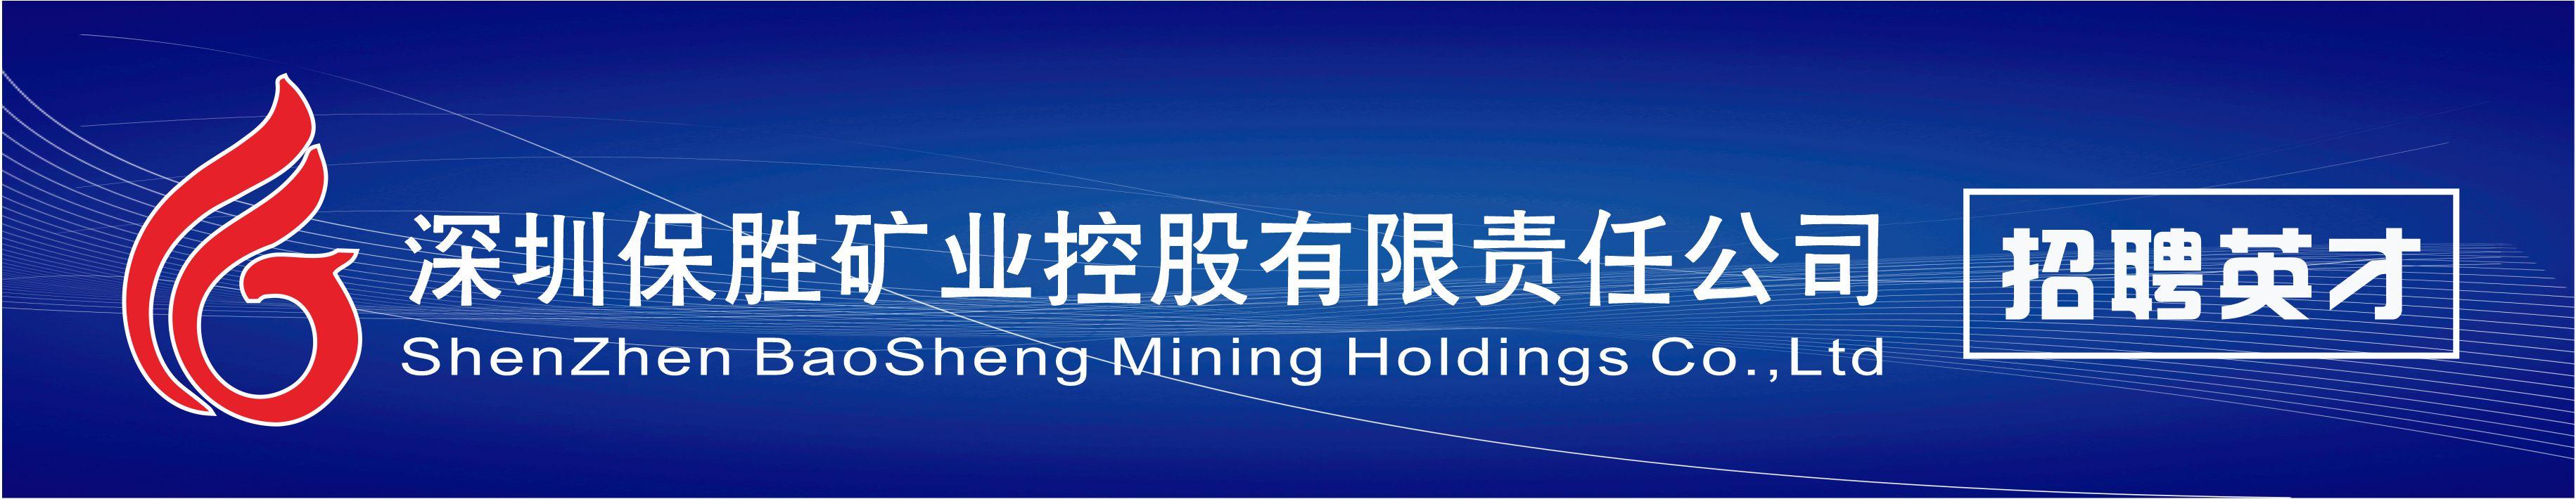 深圳保胜矿业控股有限责任公司